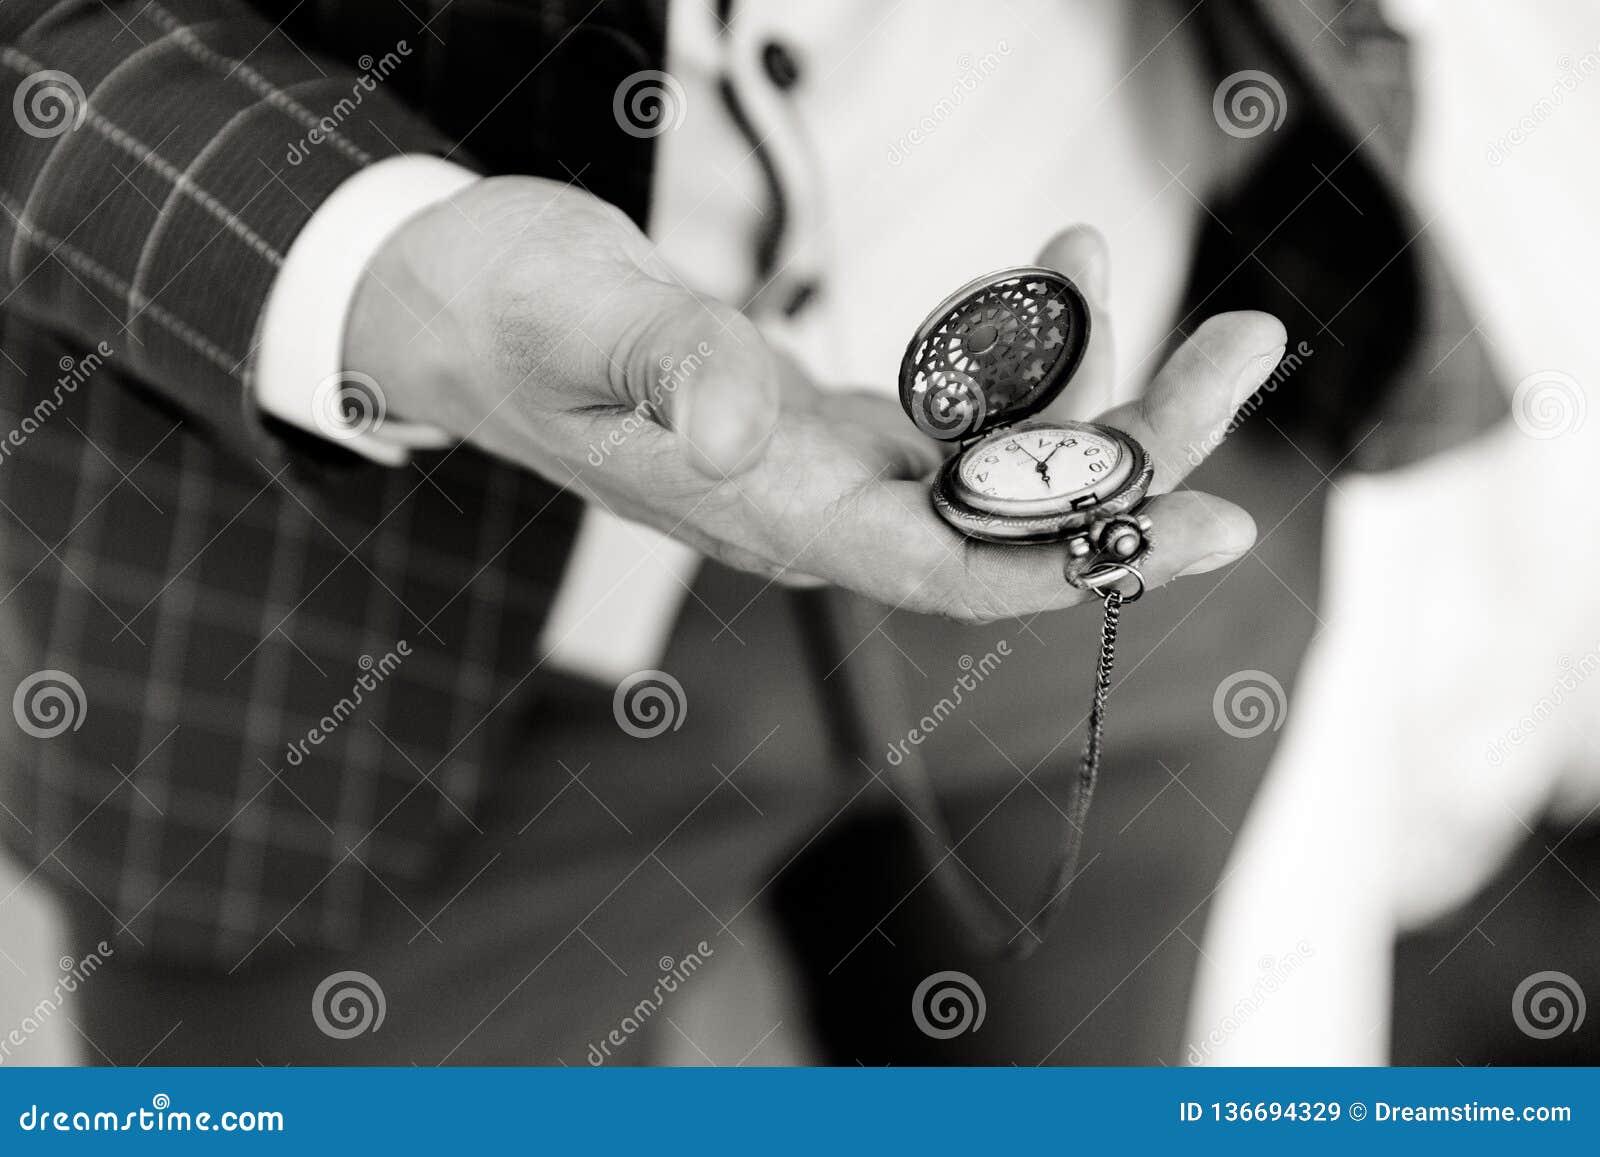 Relógio de bolso na mão de um homem